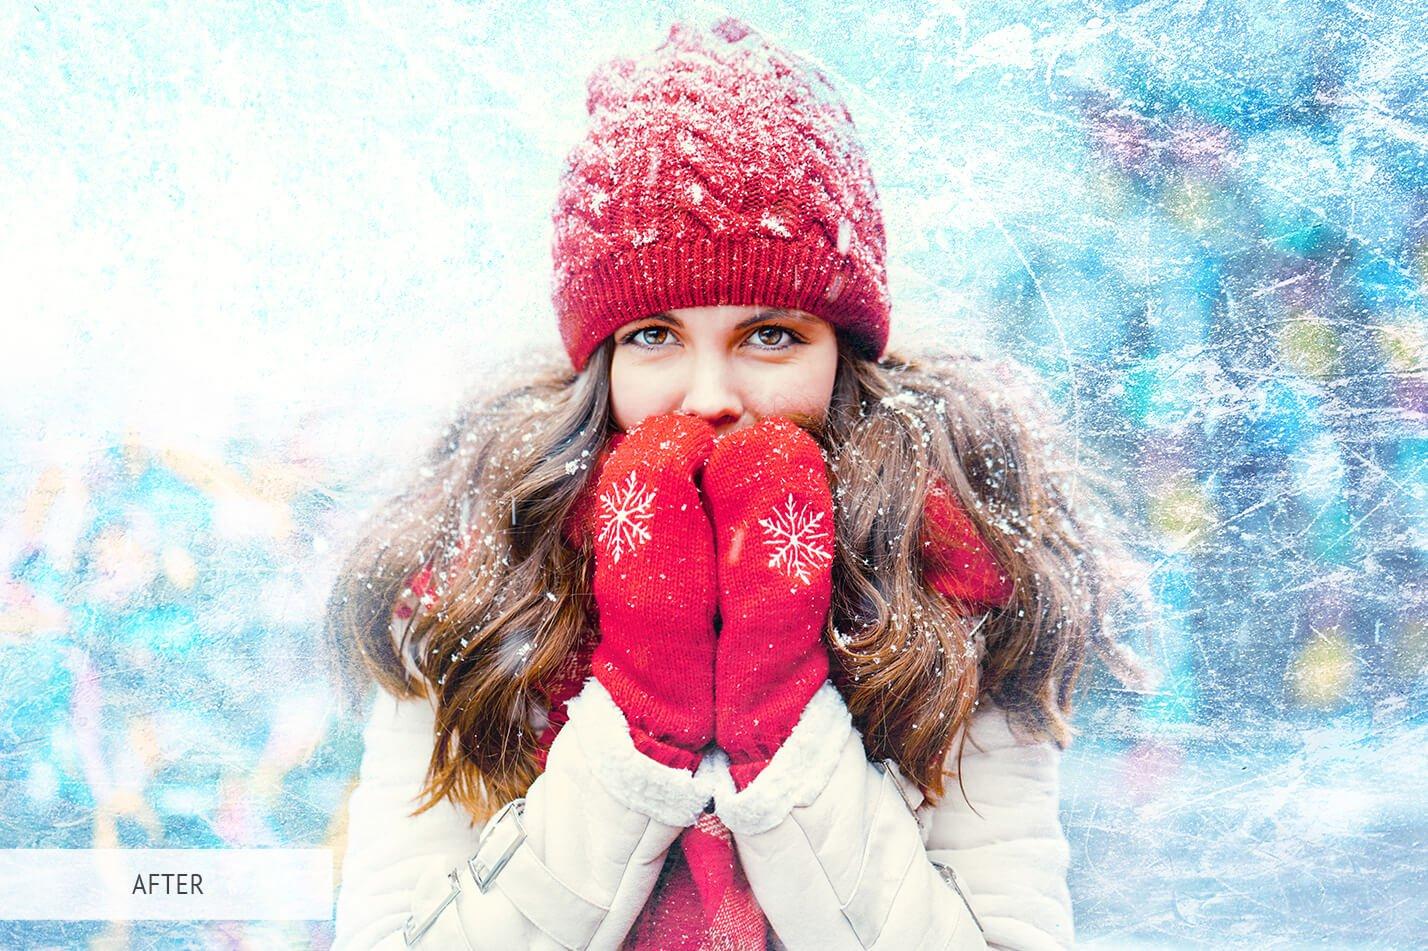 30款高清冬季冰雪PS叠加层背景图片素材 Ice Photoshop Overlays插图(6)